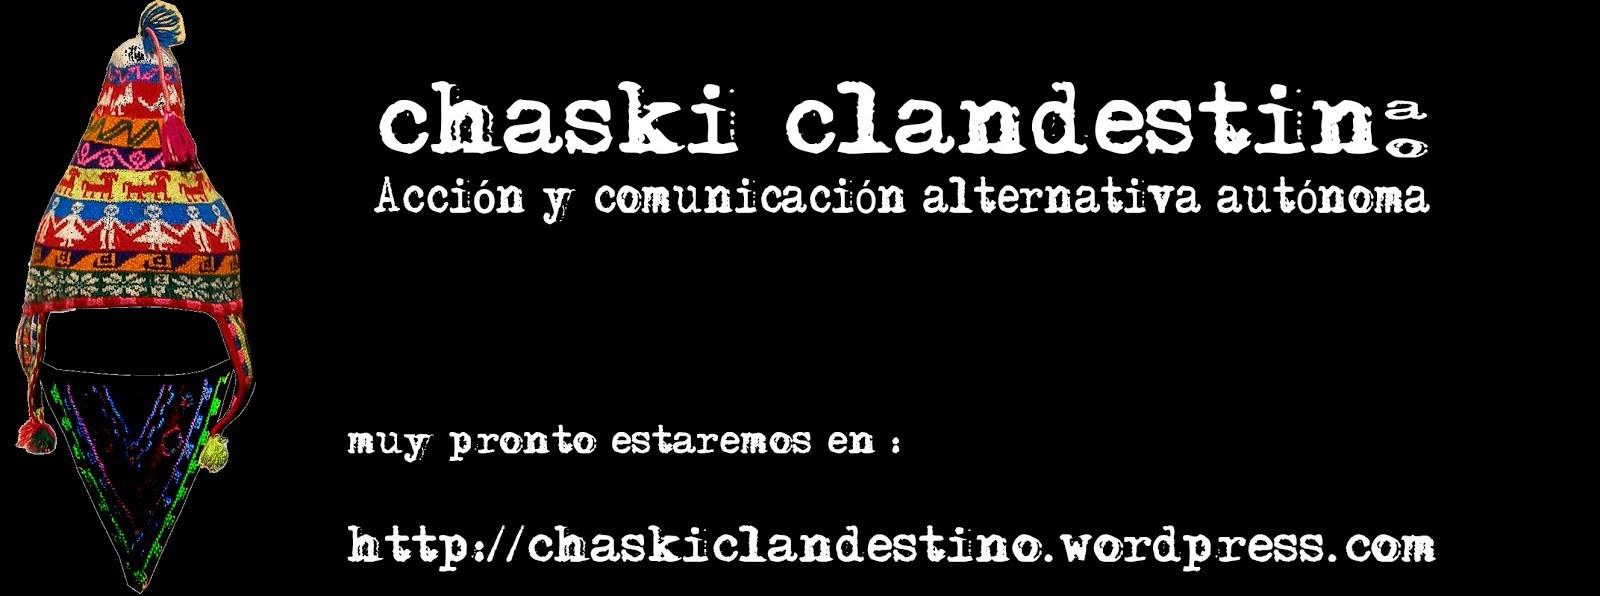 chaski clandestino